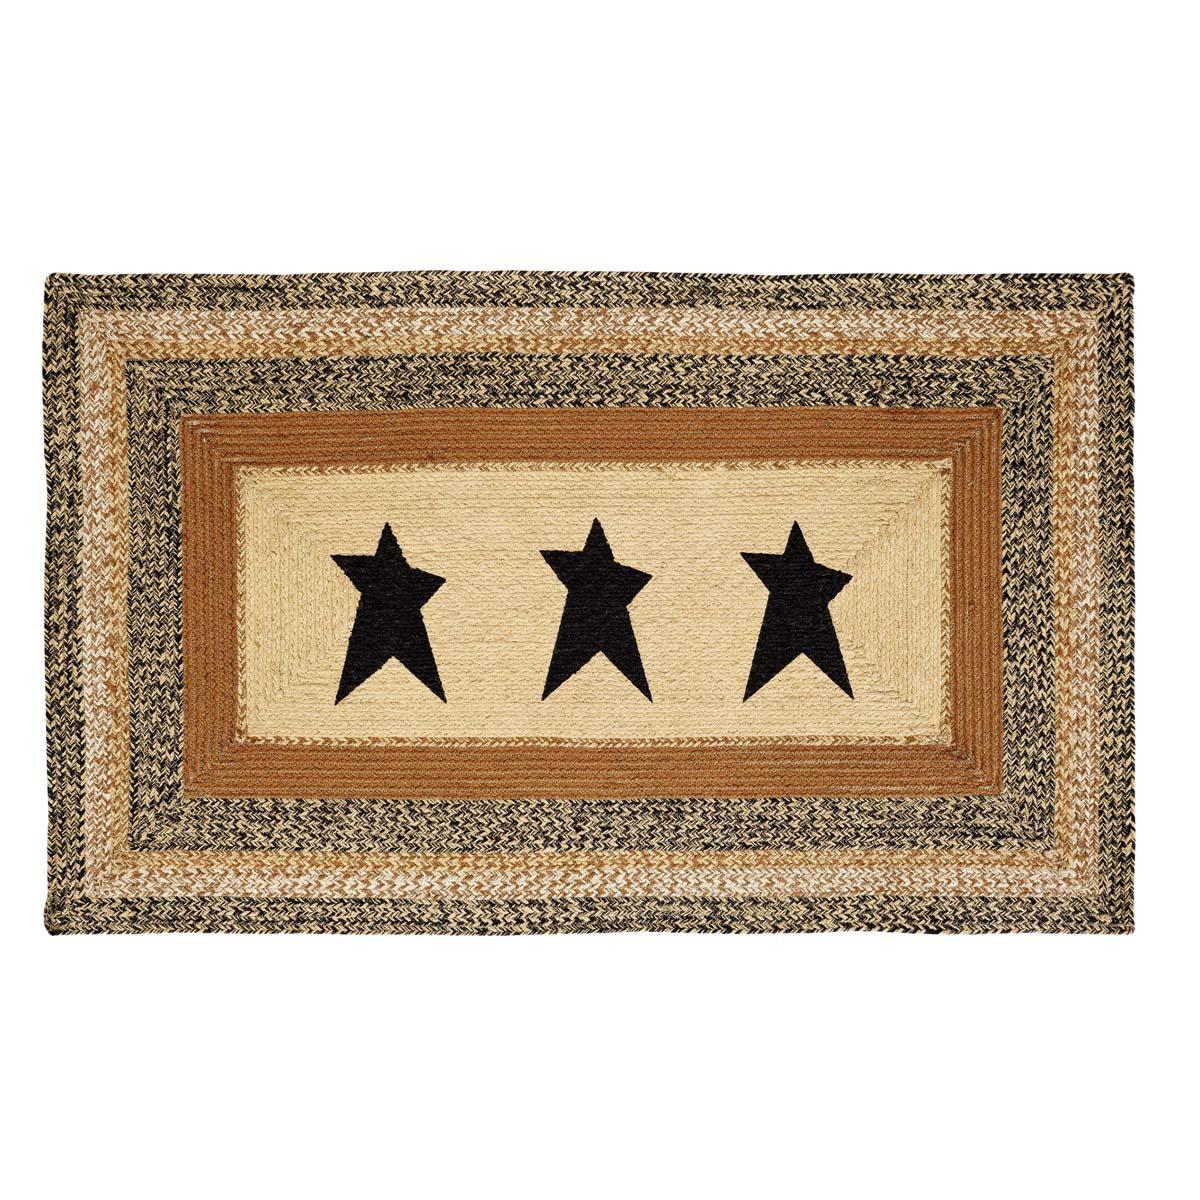 Kettle Grove Jute Rug Rect Stencil Star 36x60